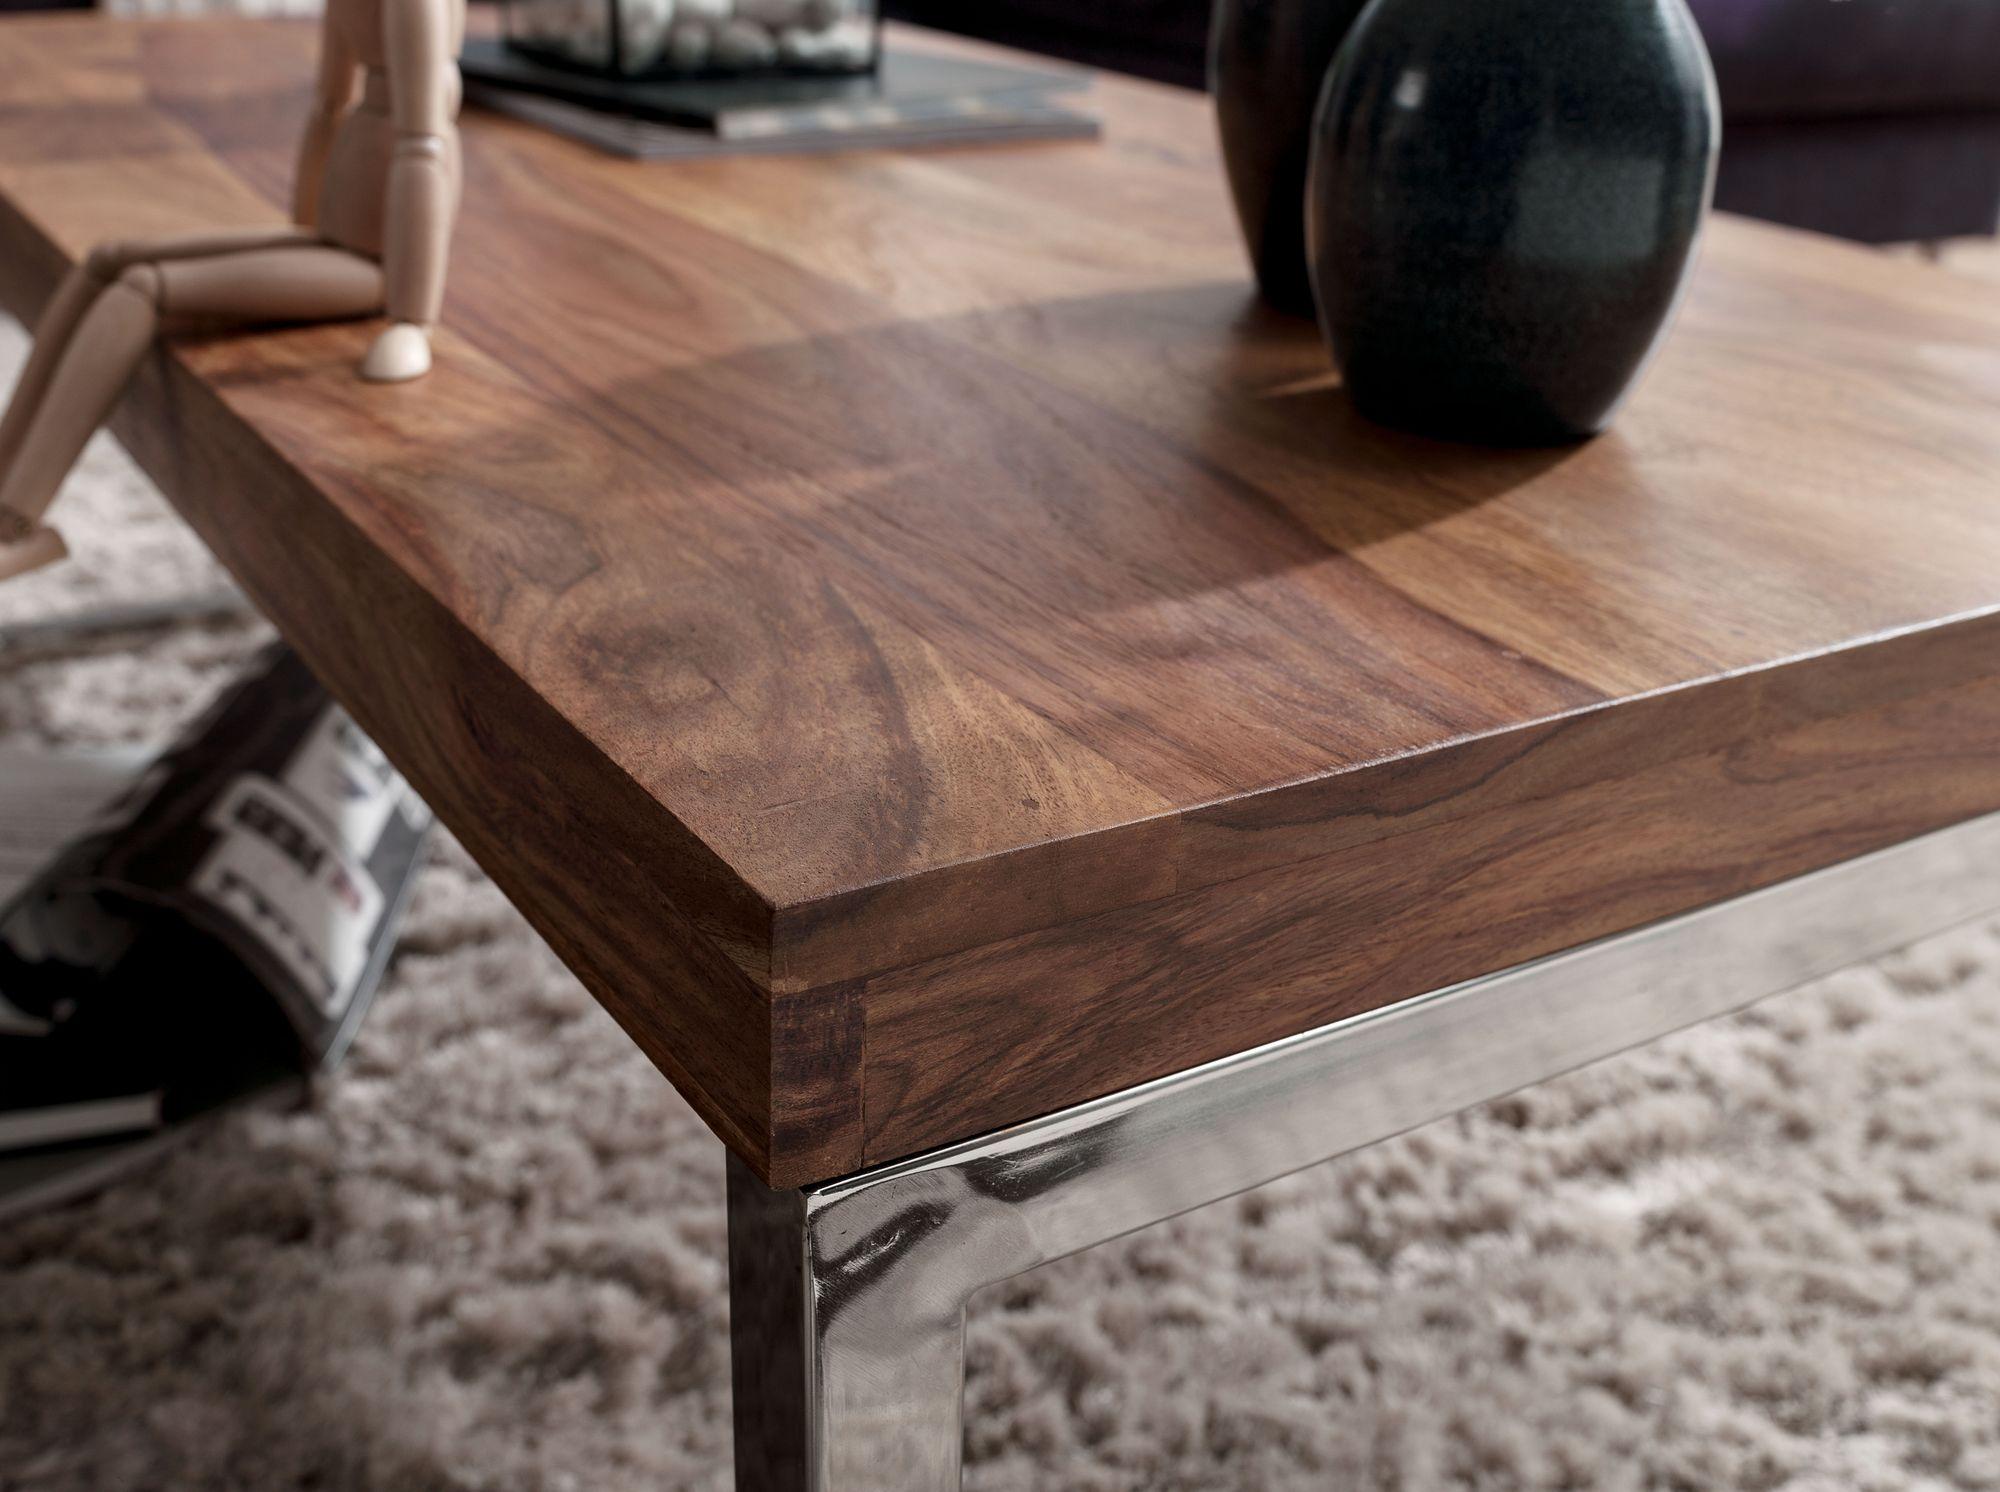 Wohnling Sheesham Couchtisch Guna Massiv 120 X 60 X 40 Cm Wohnzimmer Tisch Mobel Neu